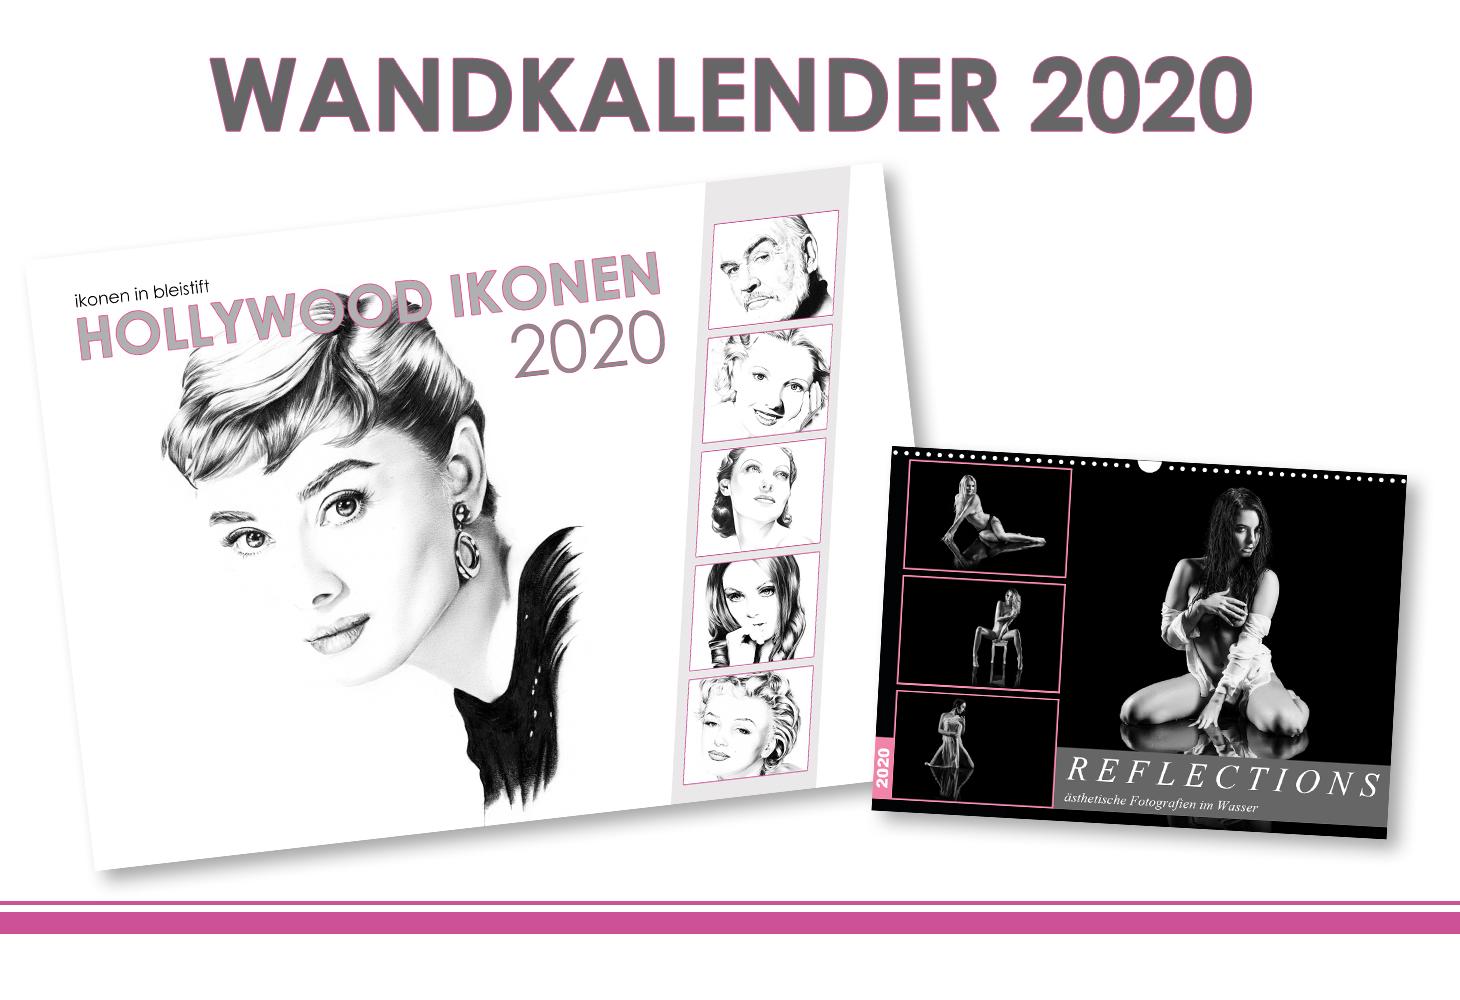 wandkalender-2020